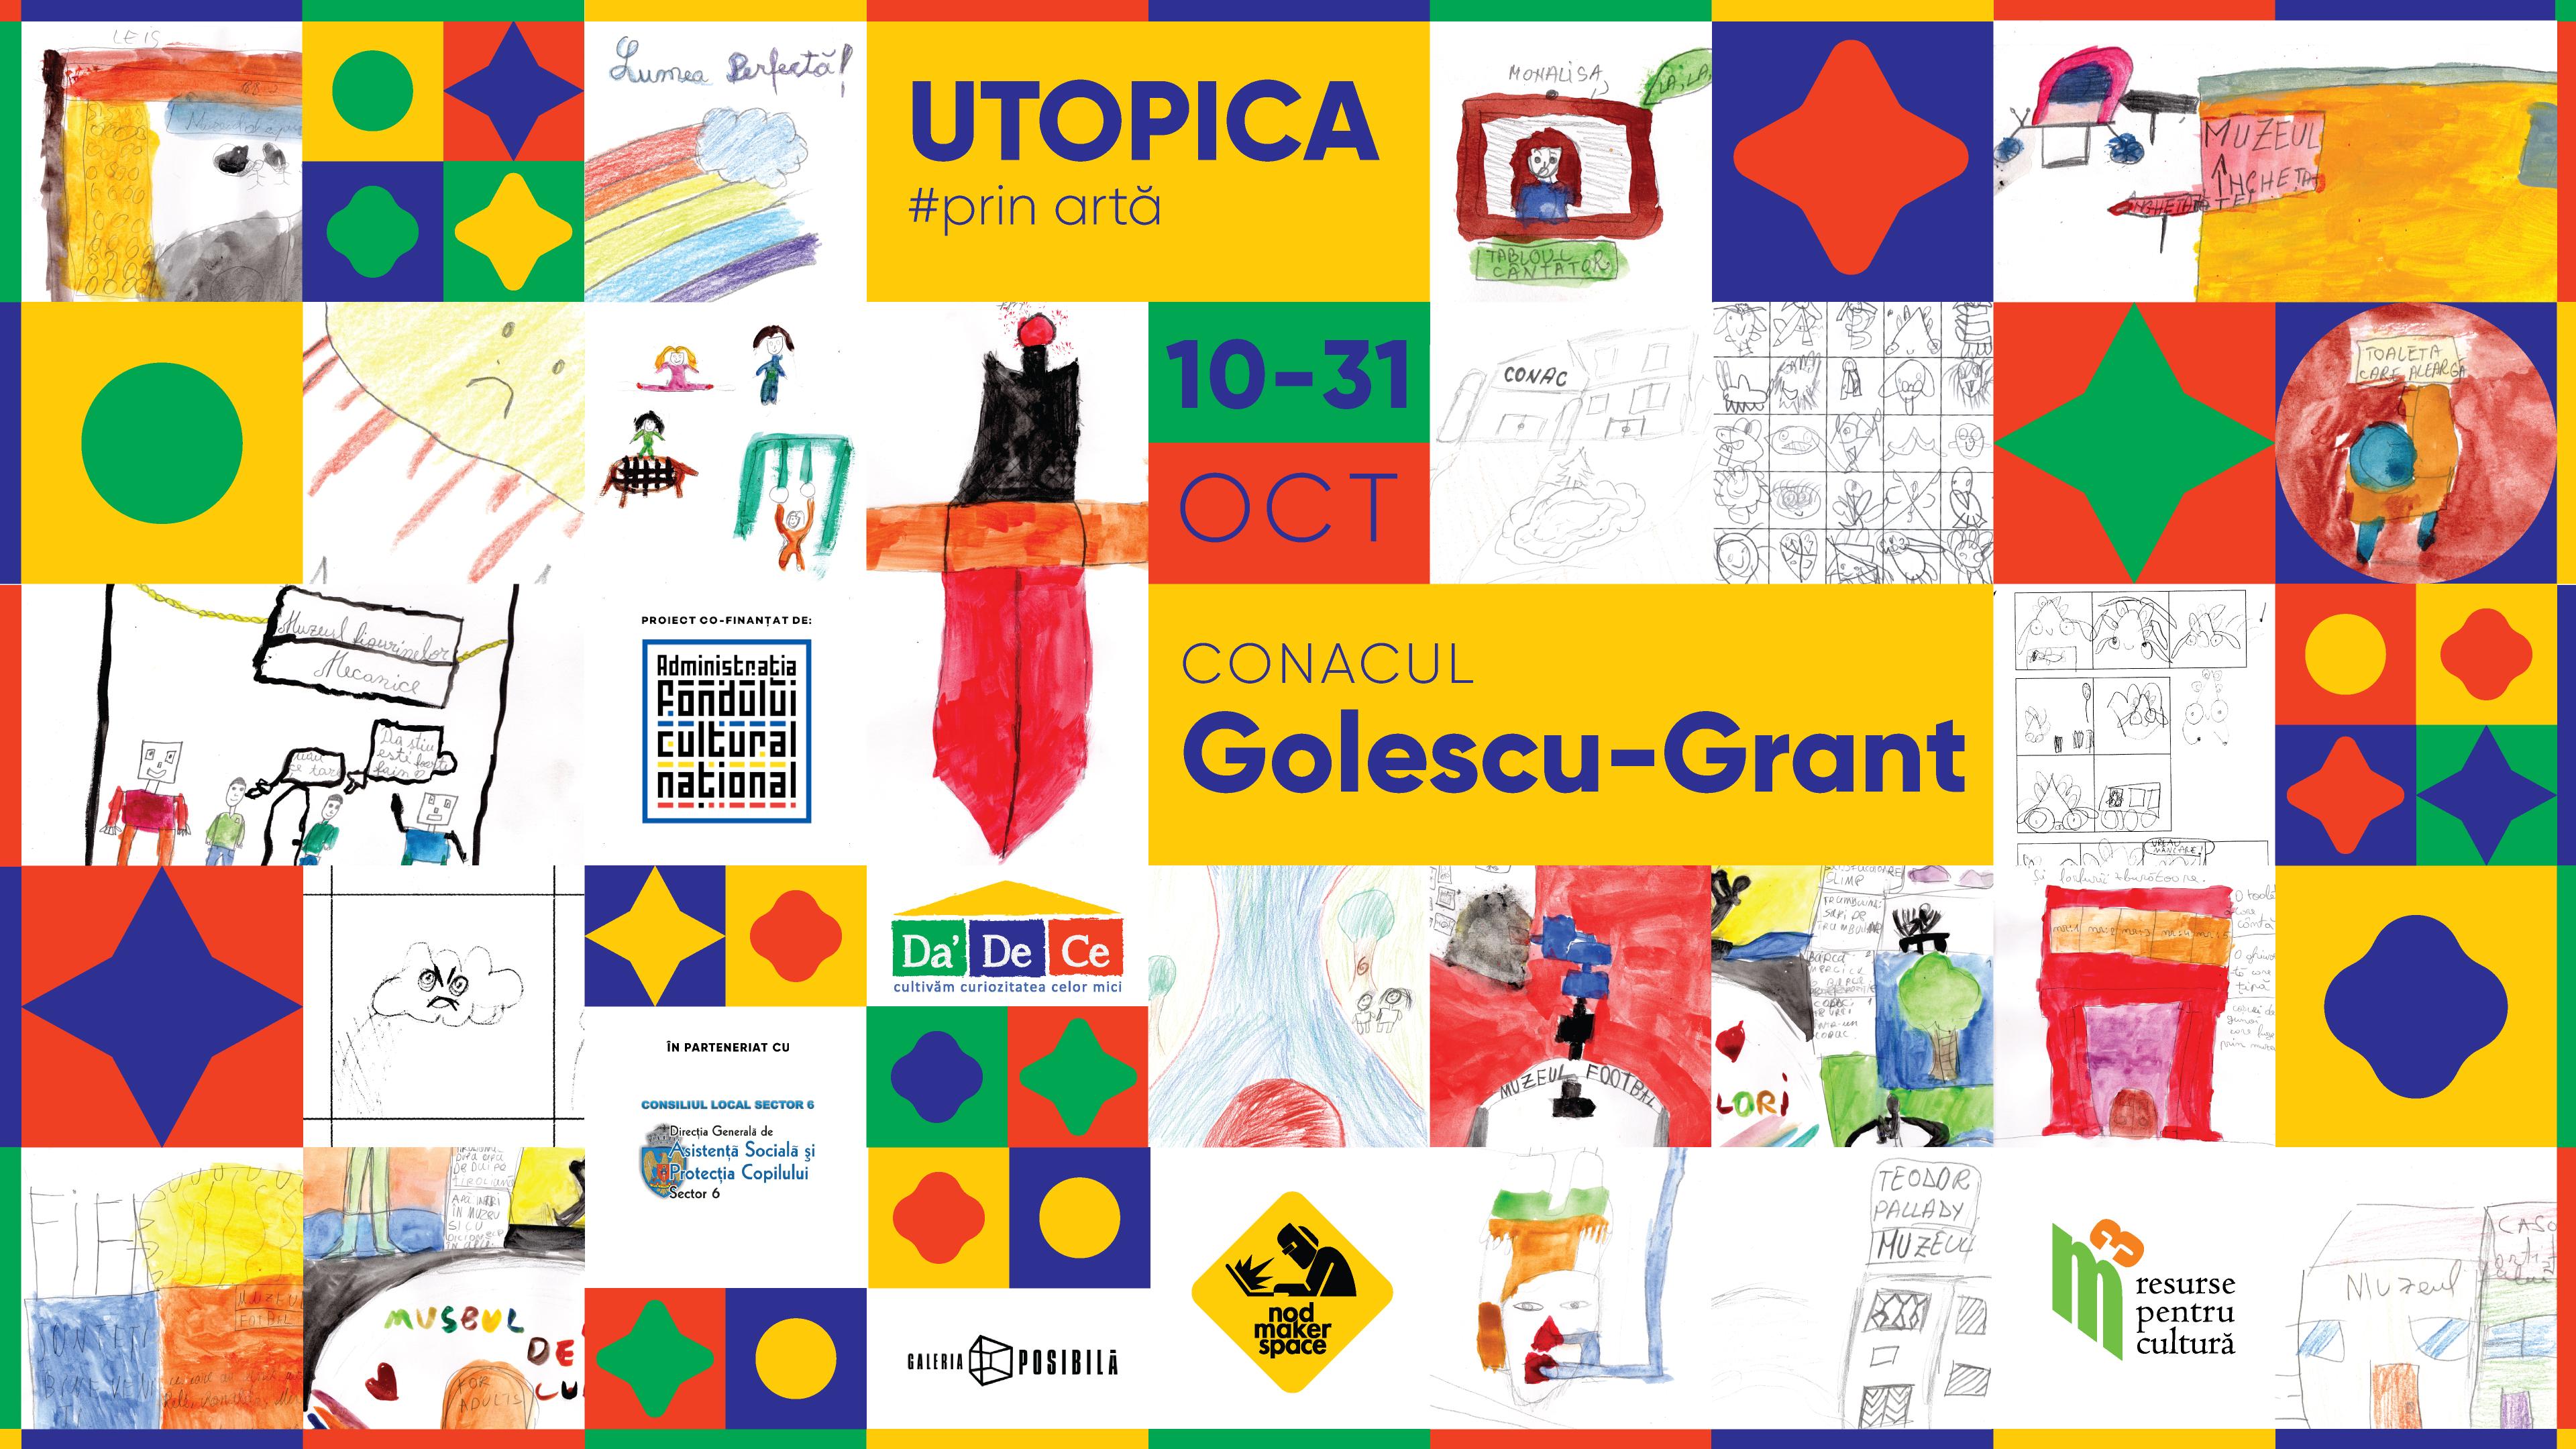 Expoziția interactivă UTOPICA la Conacul Golescu-Grant, 10 – 31 octombrie